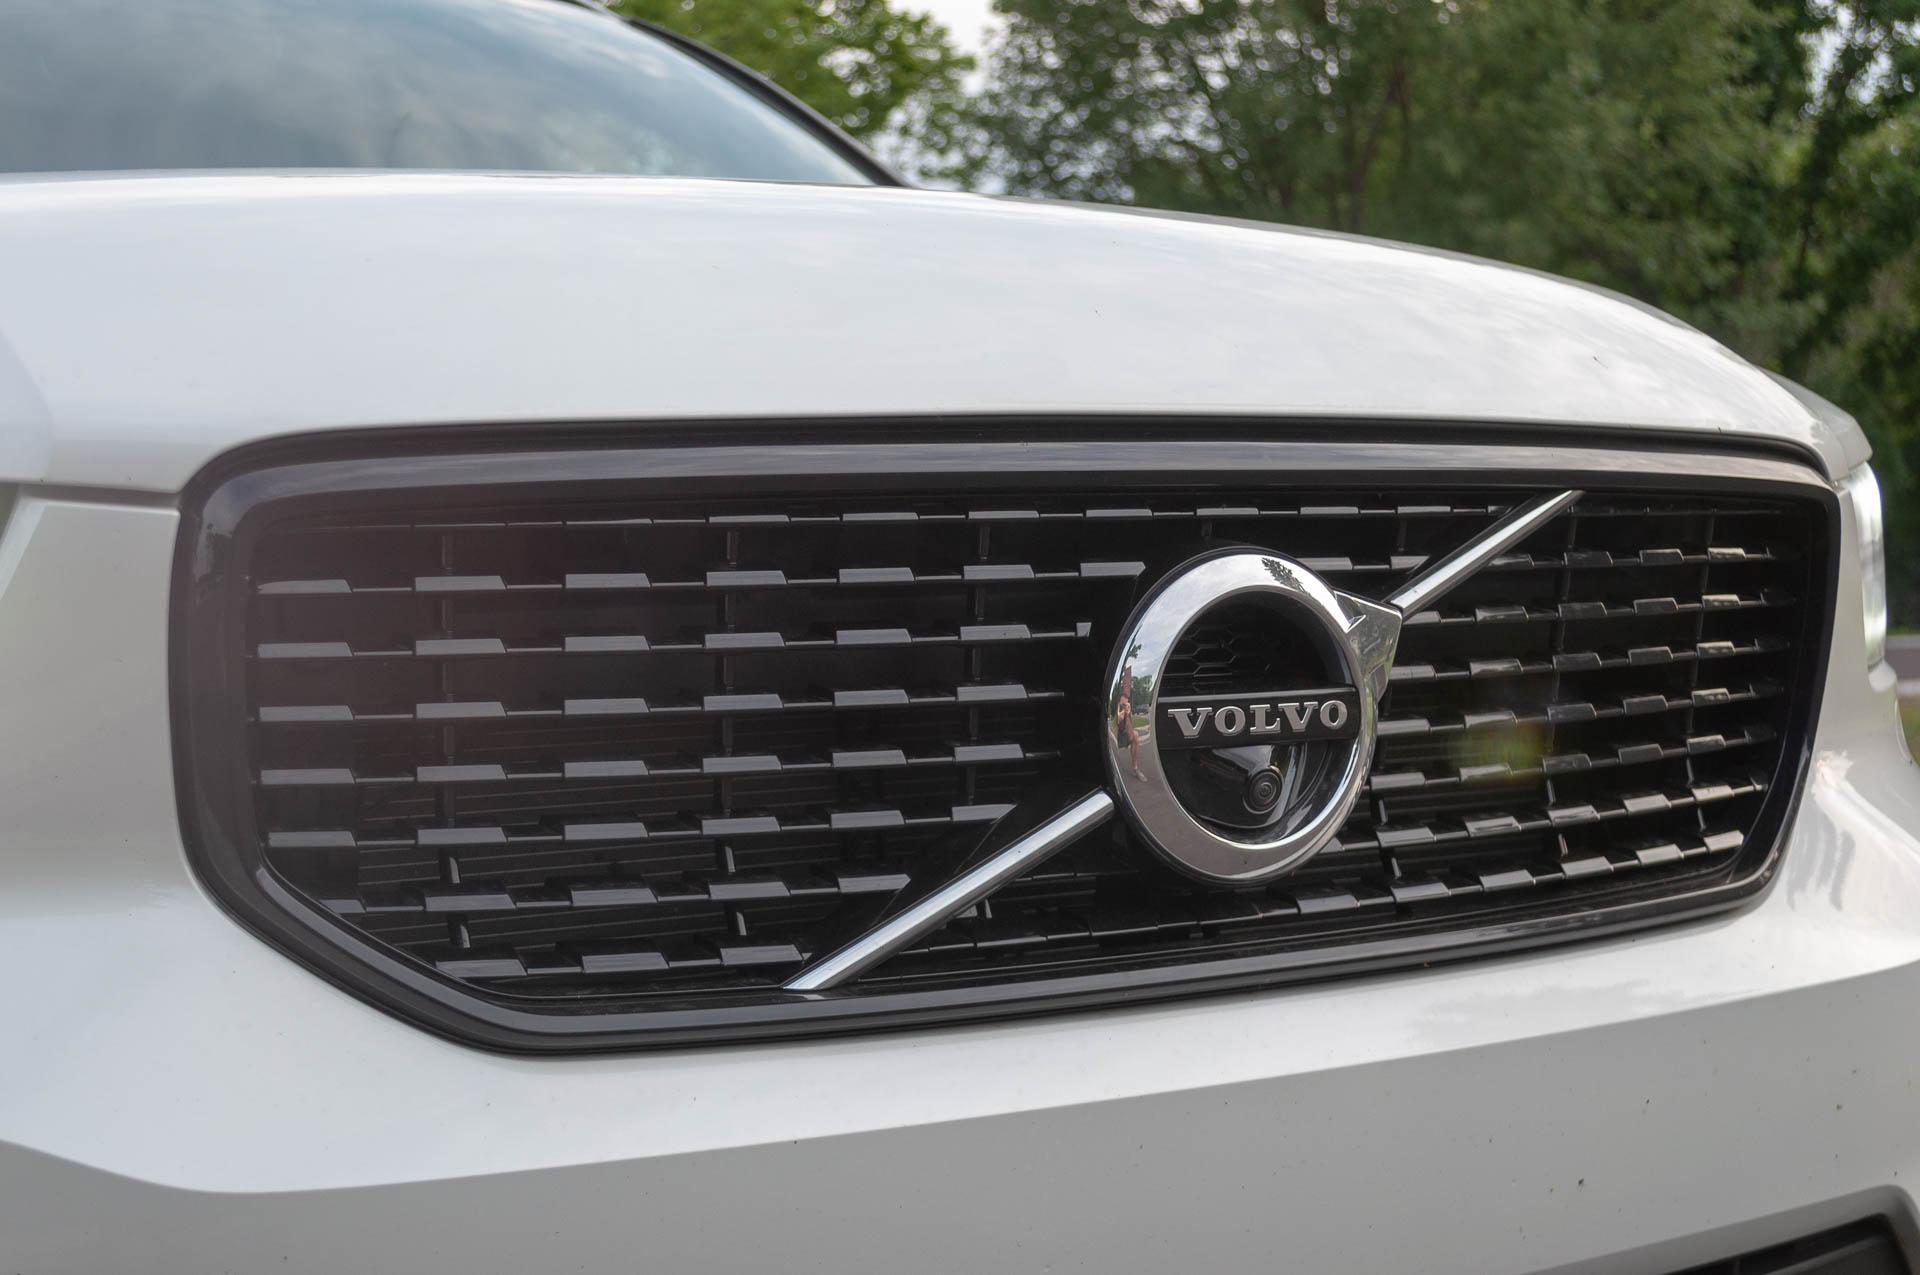 Volvo's bare LA auto show stand to hint at car-free future